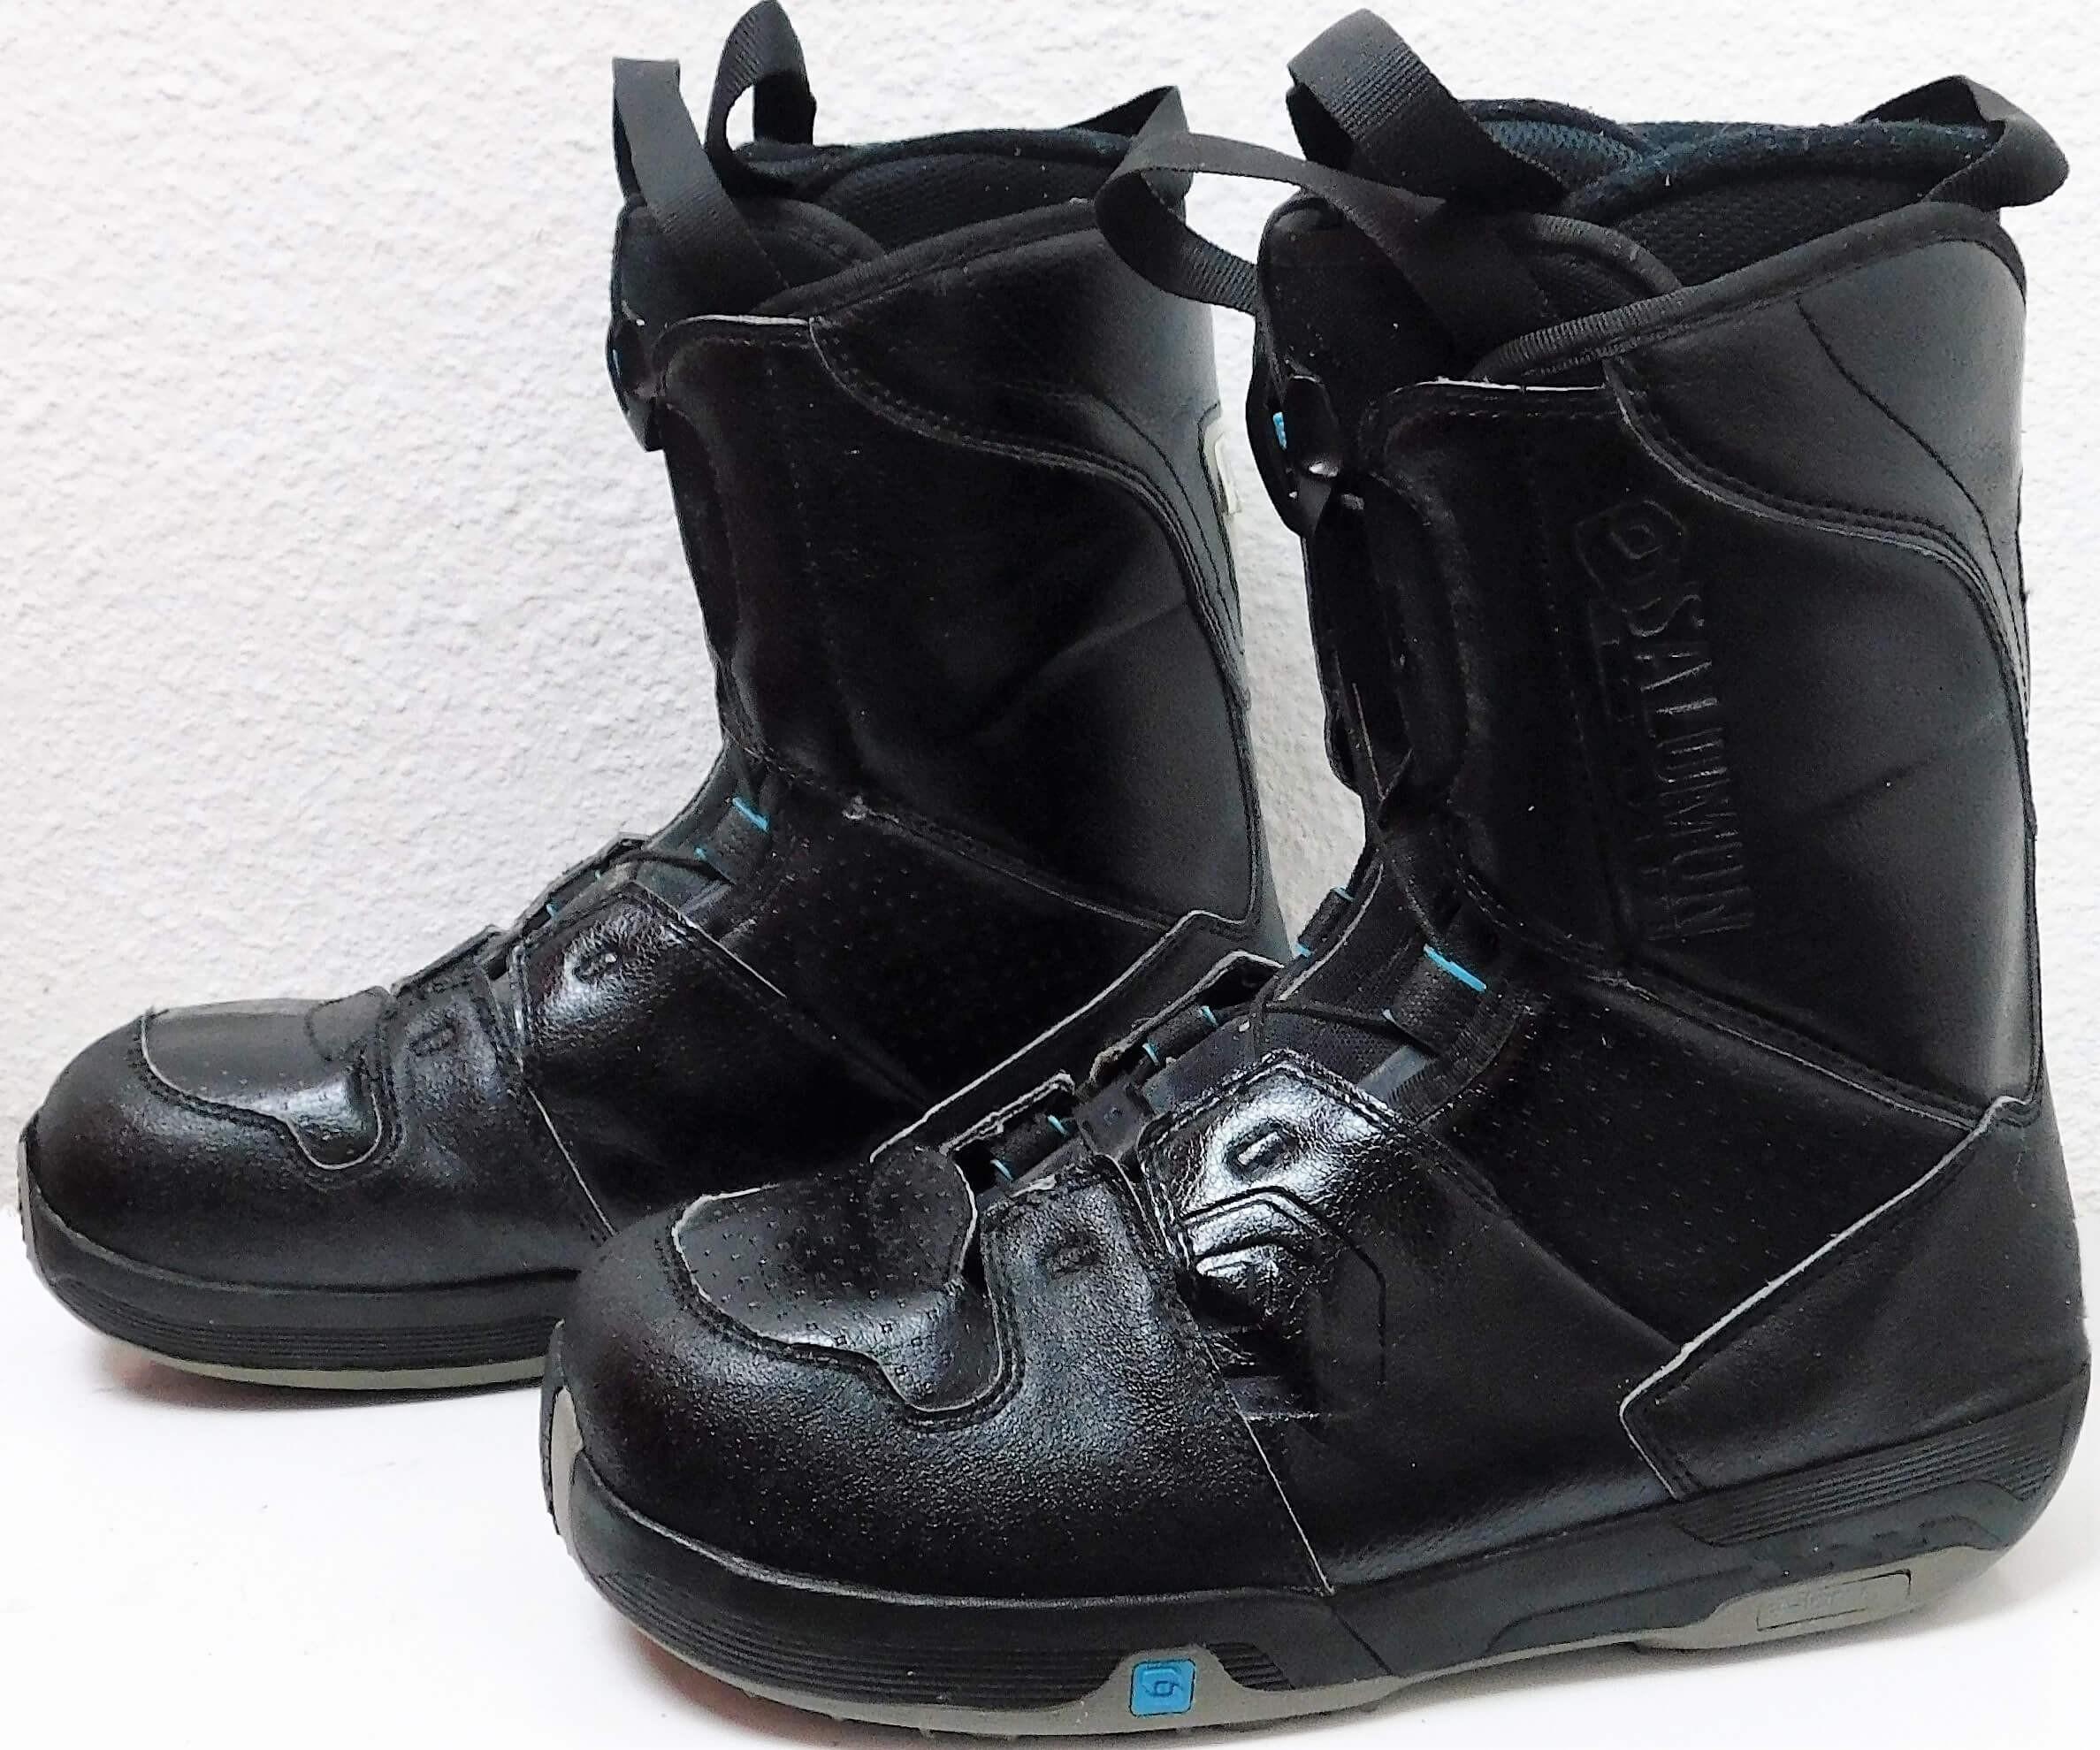 71d08834 Boots Snowboard Salomon Kamooks